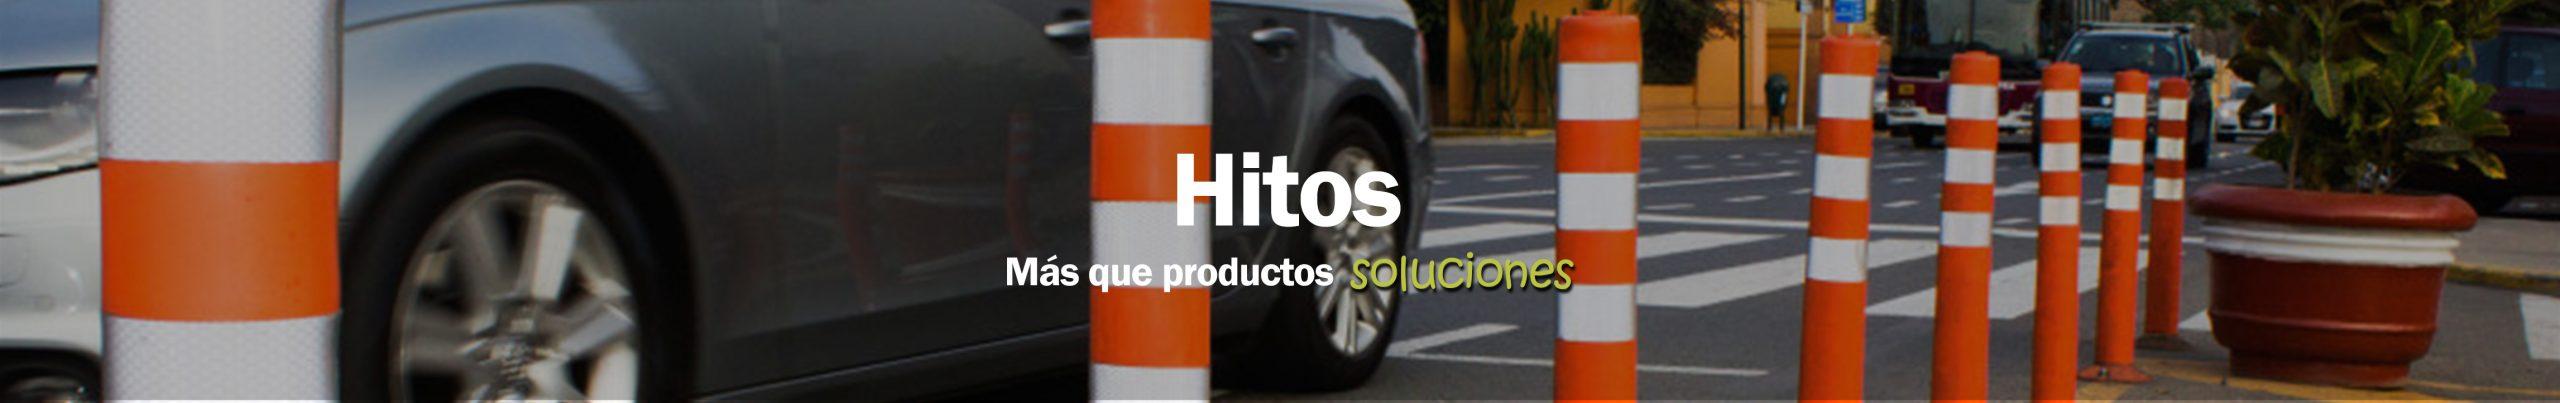 Hitos1